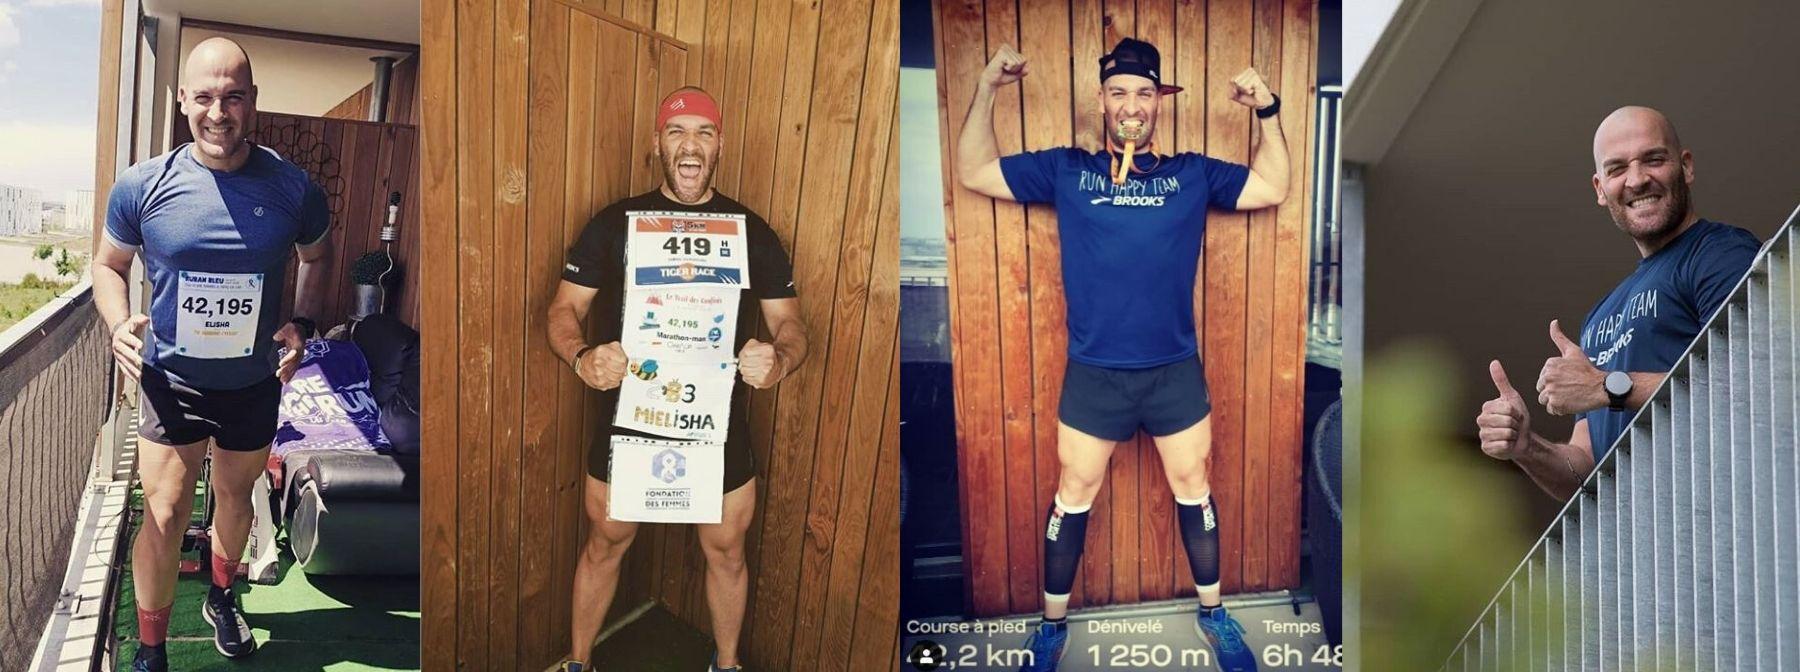 Come quest'uomo ha corso più di 6 maratone dal proprio balcone